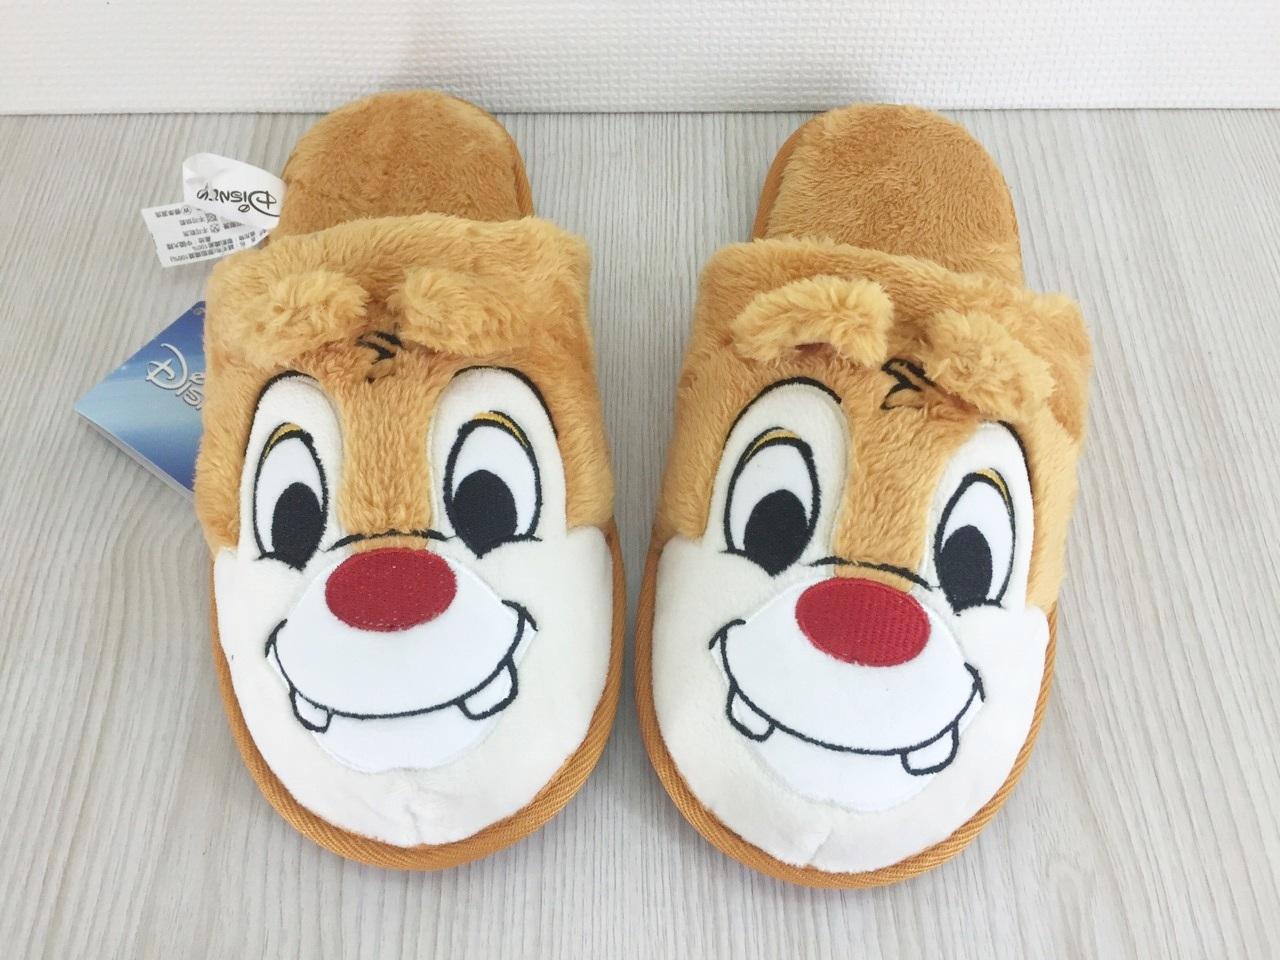 【真愛日本】151201000152D防滑絨毛室內拖鞋-蒂蒂  迪士尼 花栗鼠 奇奇蒂蒂 松鼠  拖鞋  鞋子  室內